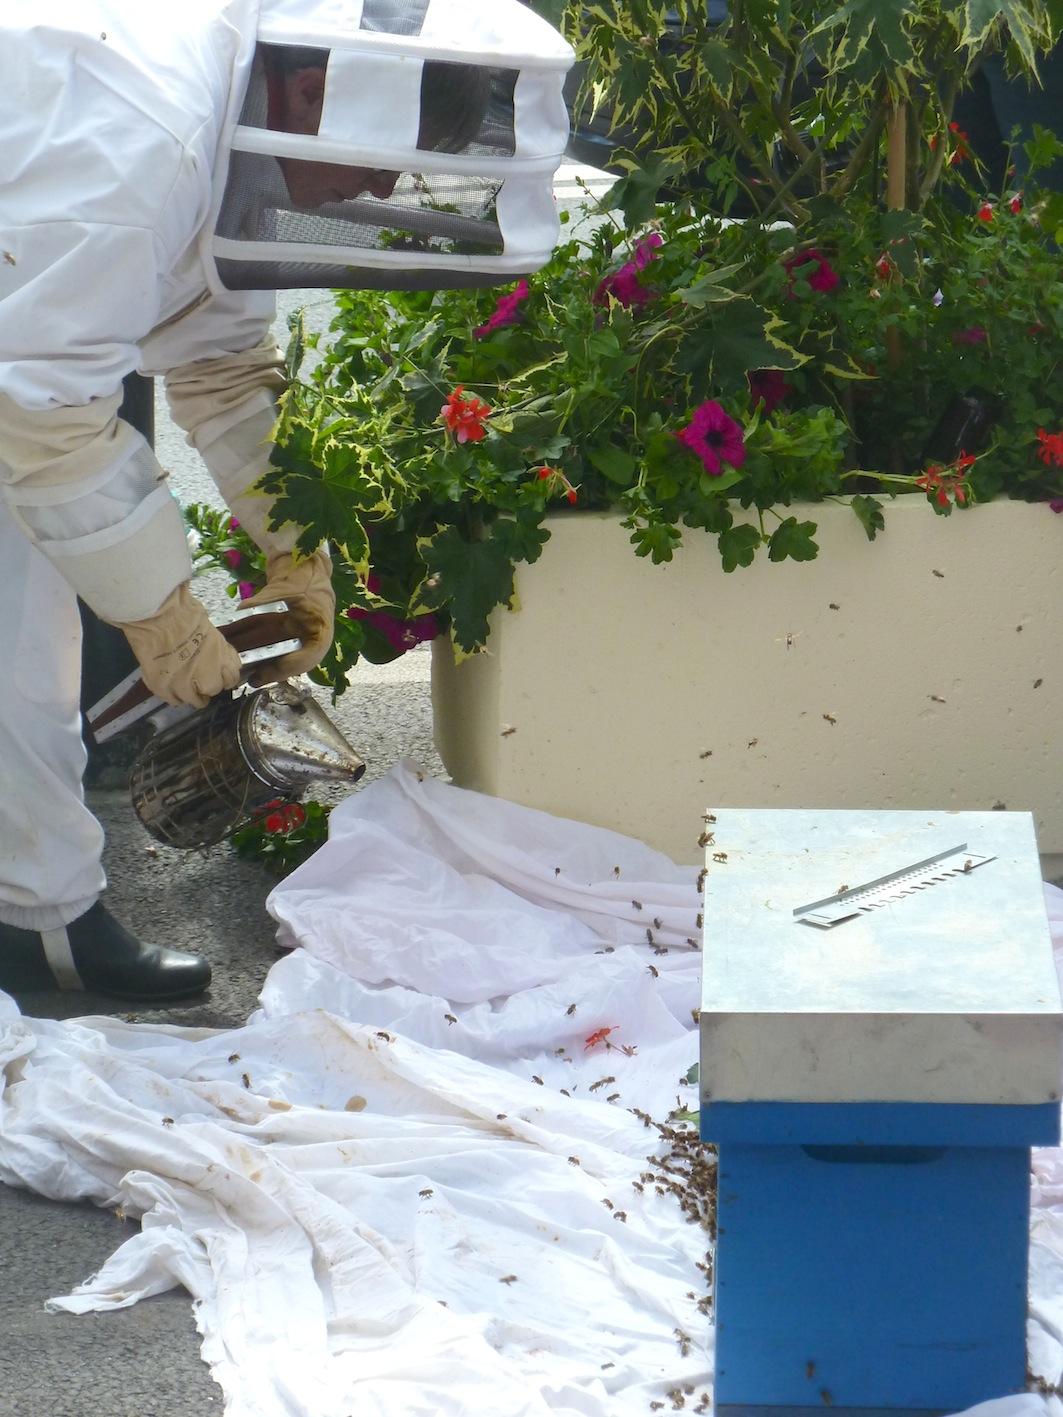 Apiculteur en train de récolter un essaim d'abeilles